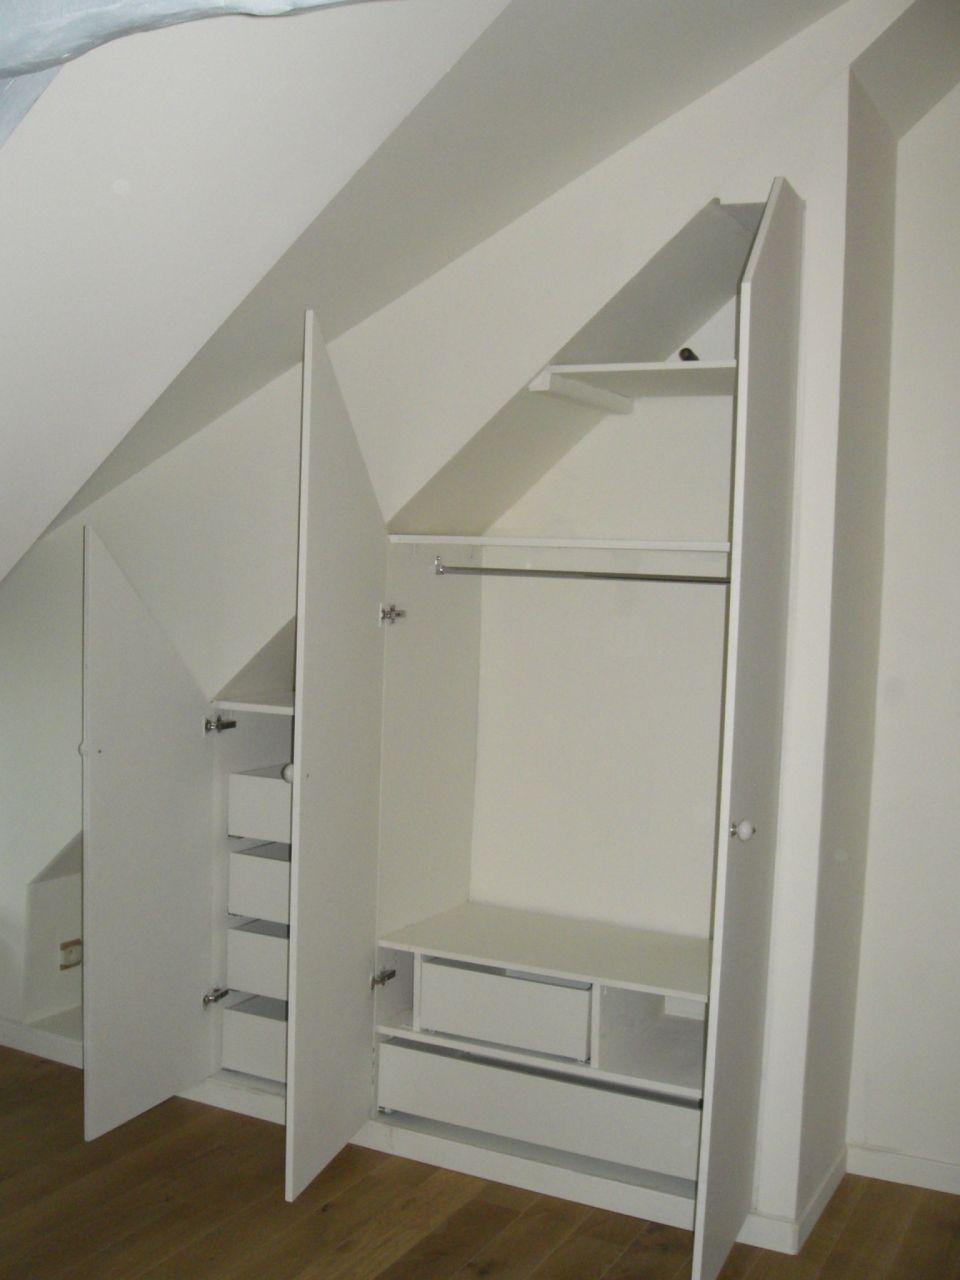 cr ation d 39 un placard en sous pente carrelage salle de bain tage cuisine termin e murs. Black Bedroom Furniture Sets. Home Design Ideas